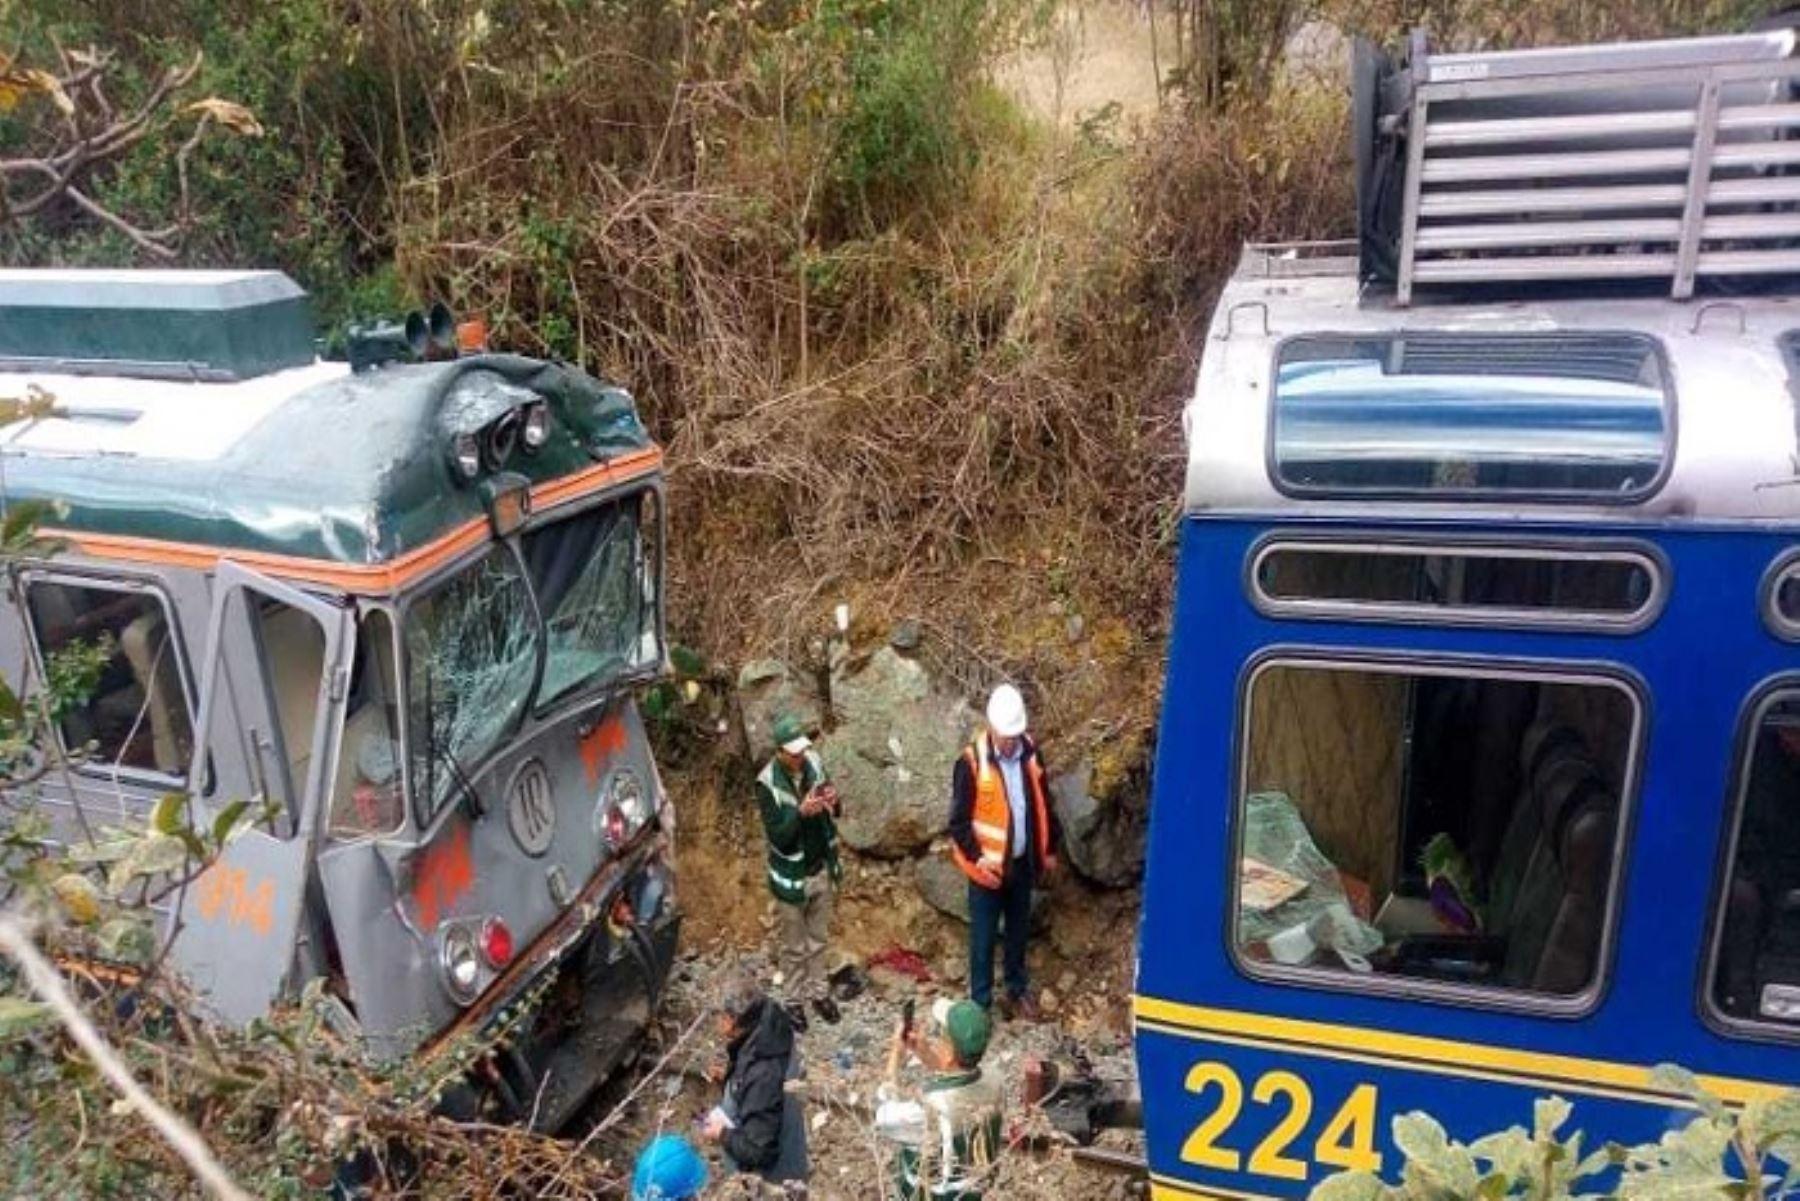 La Policía Nacional reveló la identidad de 17 personas que resultaron heridas, en su mayoría extranjeros, a consecuencia del choque de trenes ocurrido esta mañana en la vía férrea Ollantaytambo- Machu Picchu, en la región Cusco.